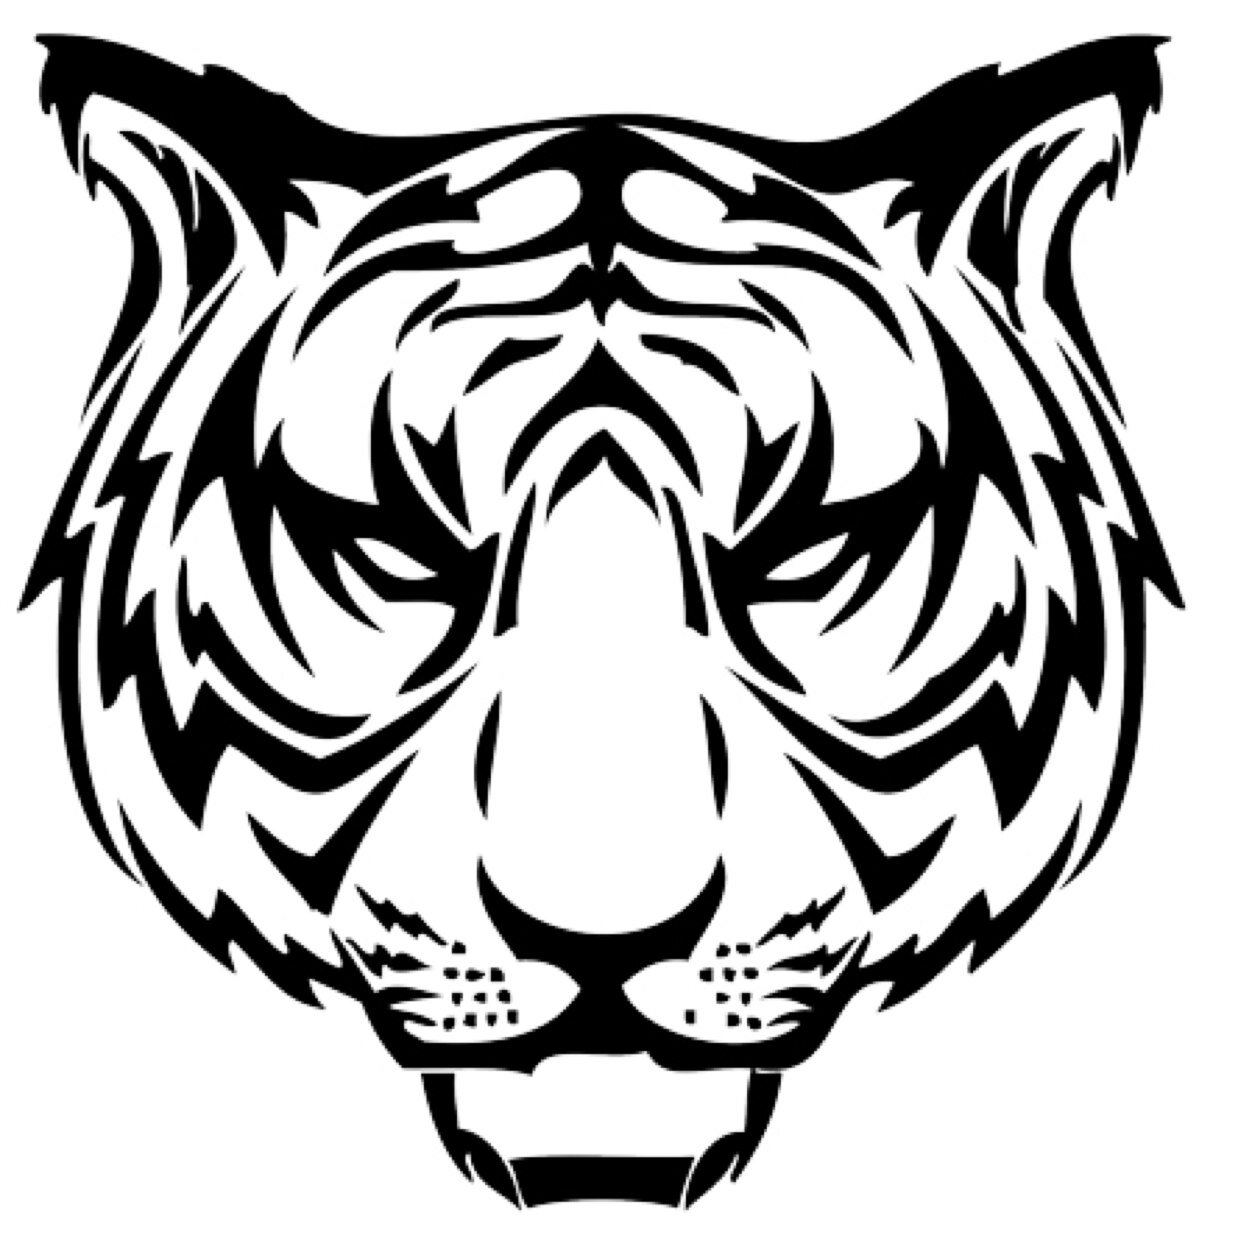 7d82a5bfd Amazing Tiger Head Tattoo Stencil